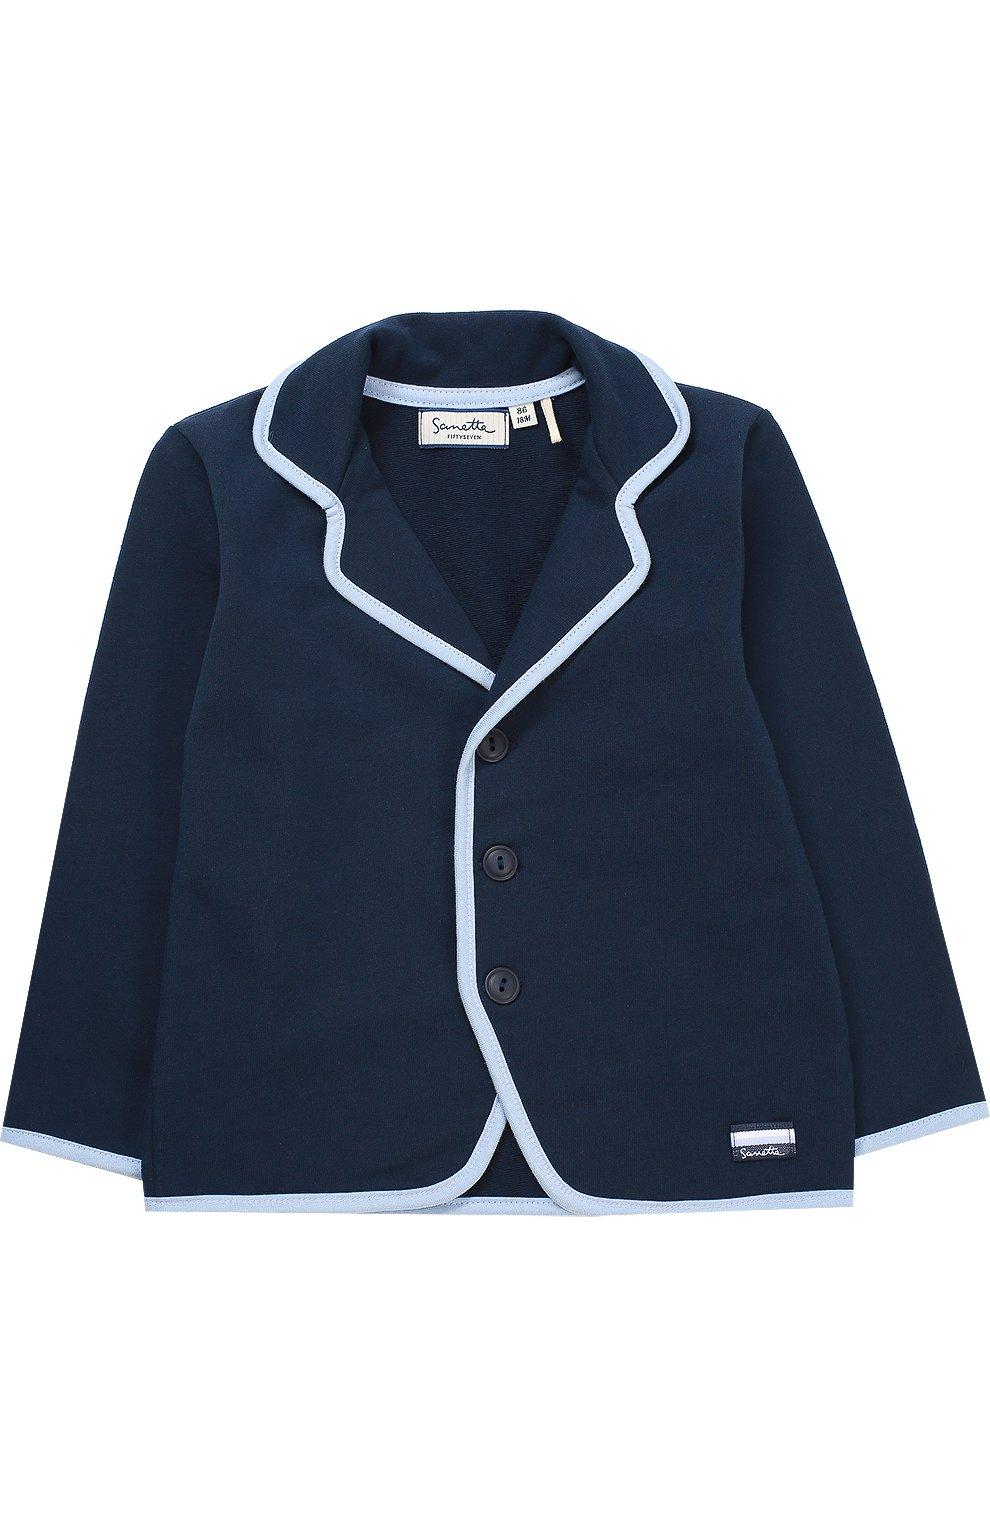 Детский пиджак джерси с контрастной окантовкой SANETTA FIFTYSEVEN синего цвета, арт. 901379   Фото 1